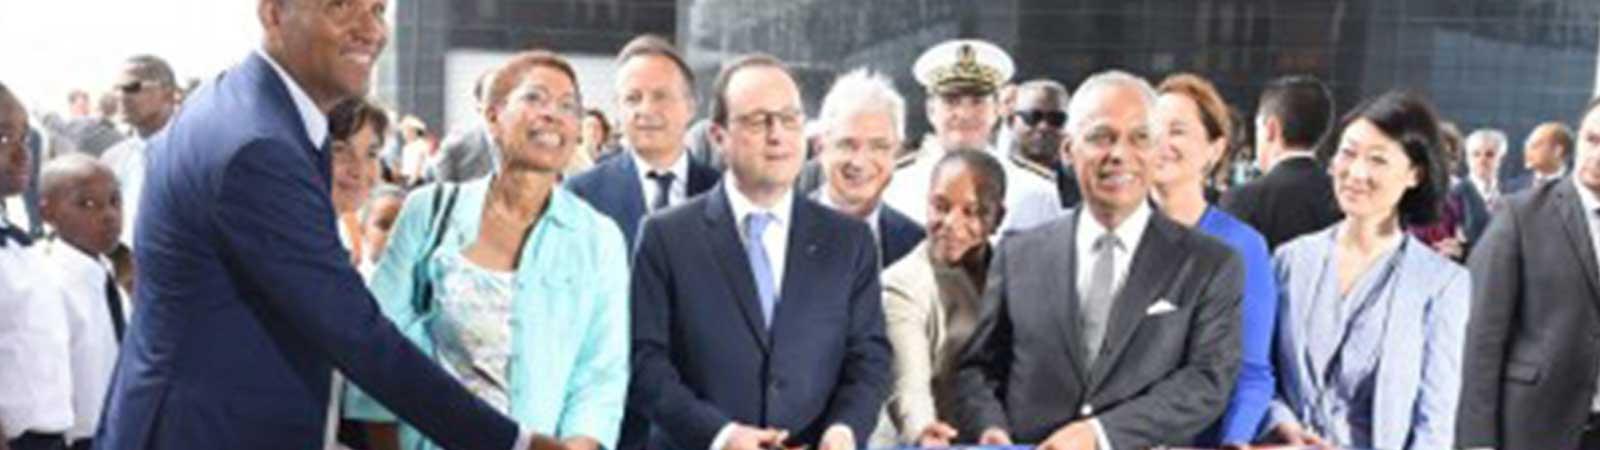 LE MÉMORIAL ACT MET L'HOMME AU CENTRE DES PRÉOCUPATIONS